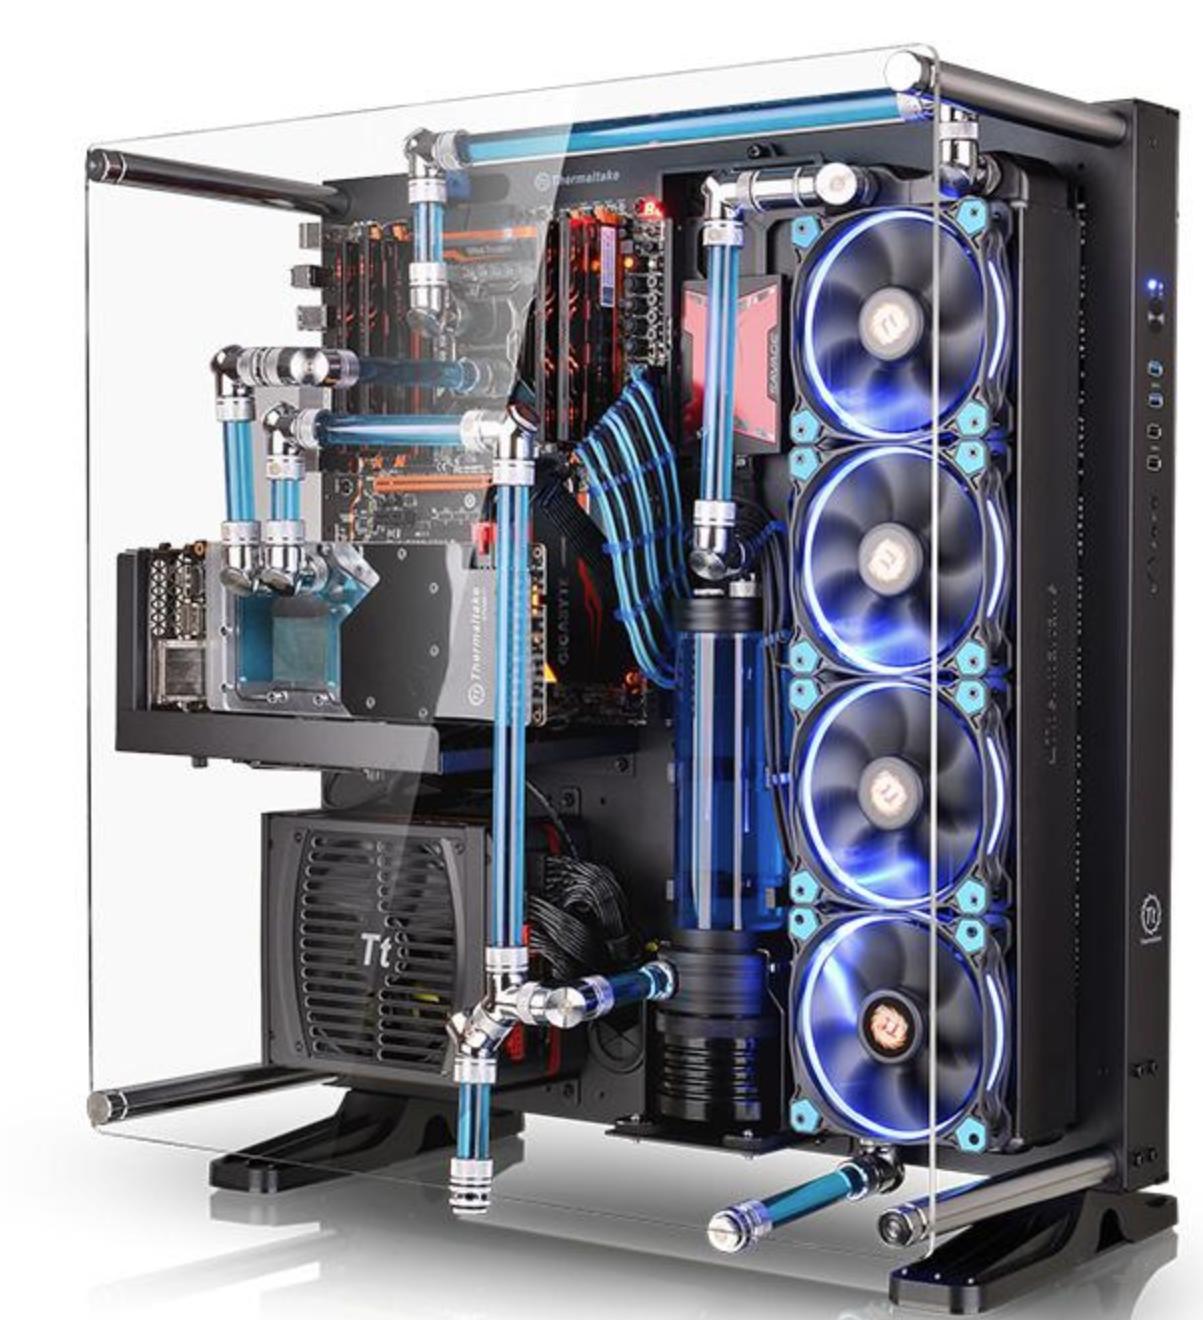 Thermaltake Core P5をつかった自作PCで画面の描画が重くなった場合の解決方法